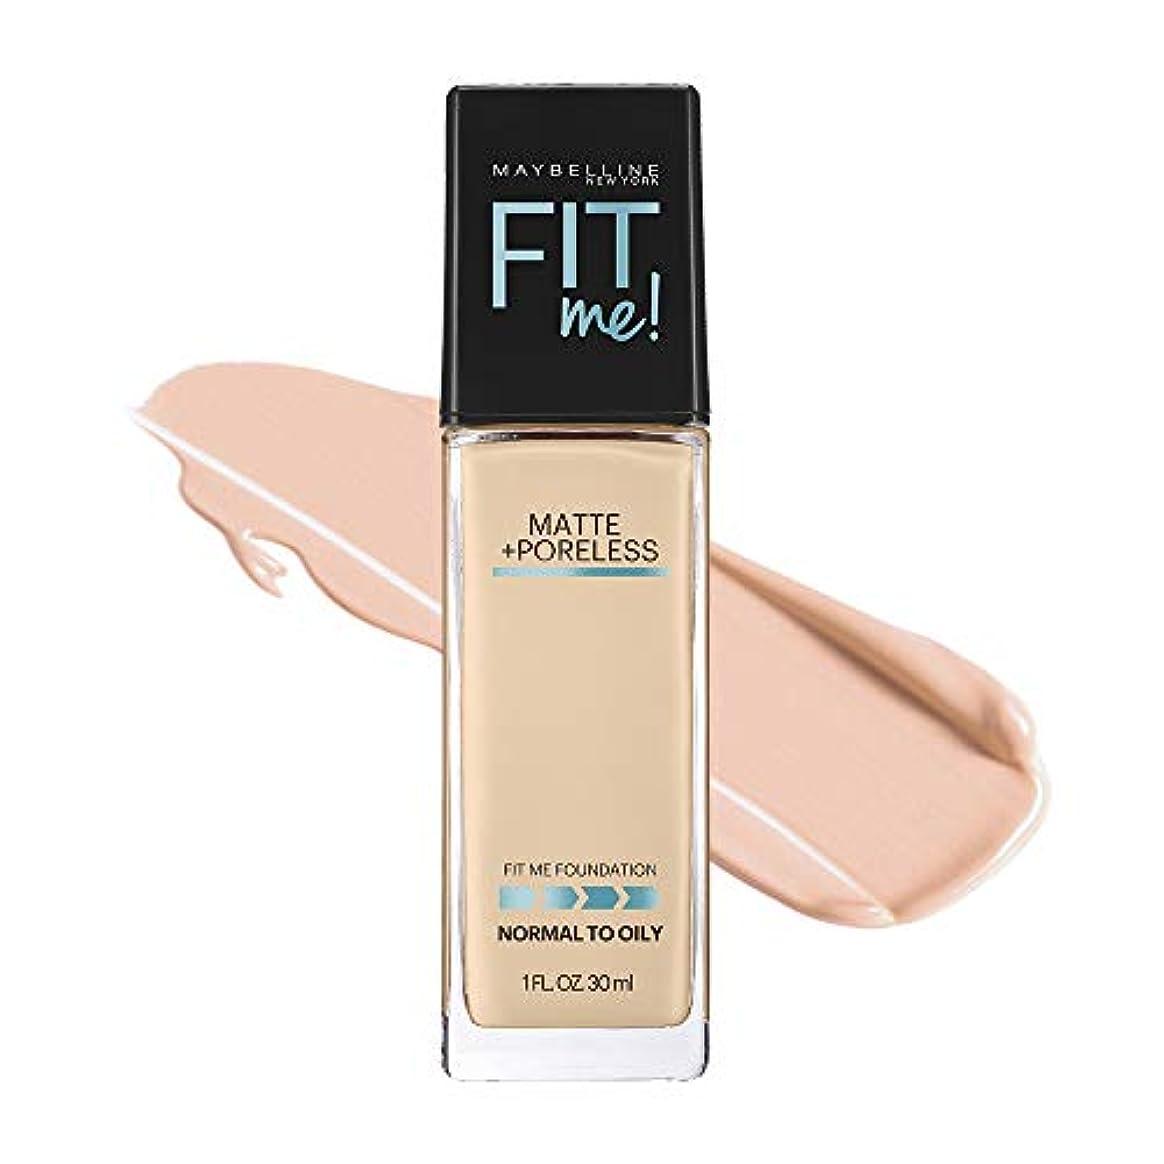 回路分析的な眉をひそめるメイベリン フィットミー リキッド ファンデーション 115 標準的な肌色(ピンク系)